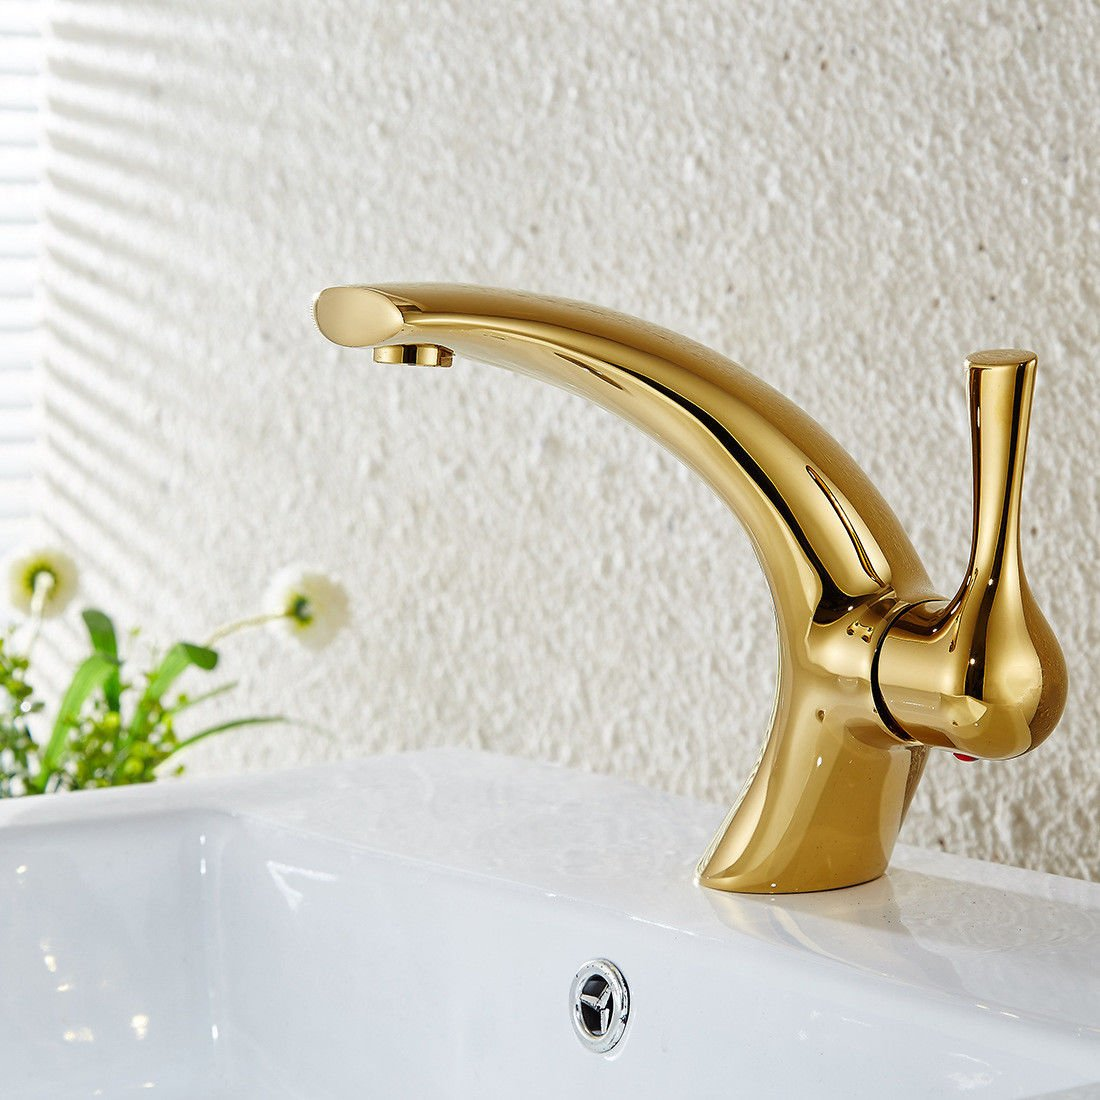 Good quality Antiquitäten Becken Spül Mischer Tap Bad Waschbecken Mixer Vollkupfer Gold einzigen Loch einzigen Griff Heißes und Kaltes Wasser Mixer